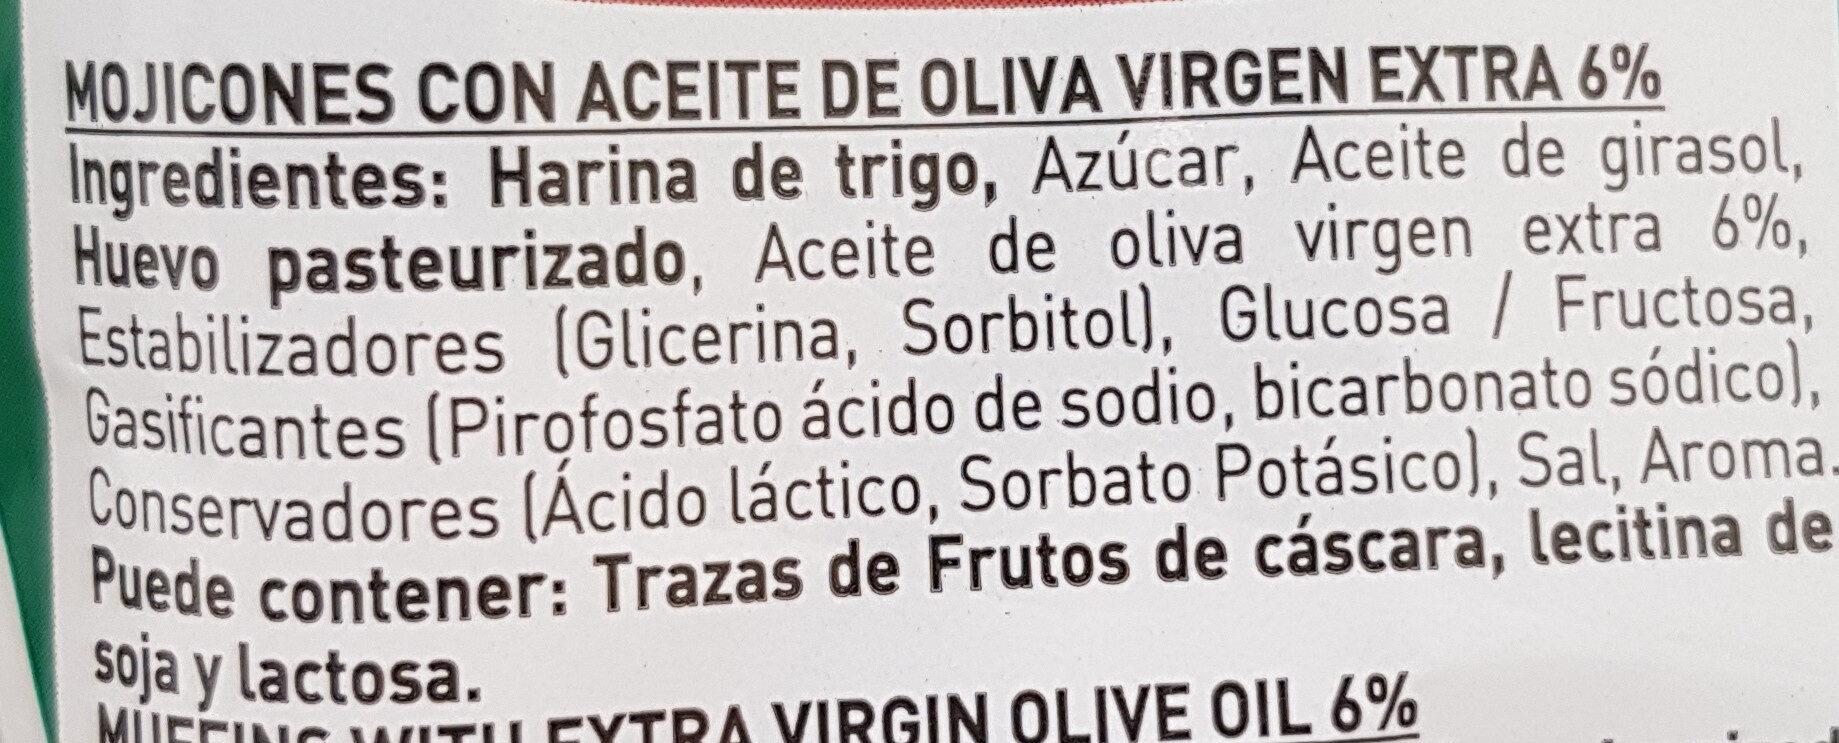 Mojicones - Ingredients